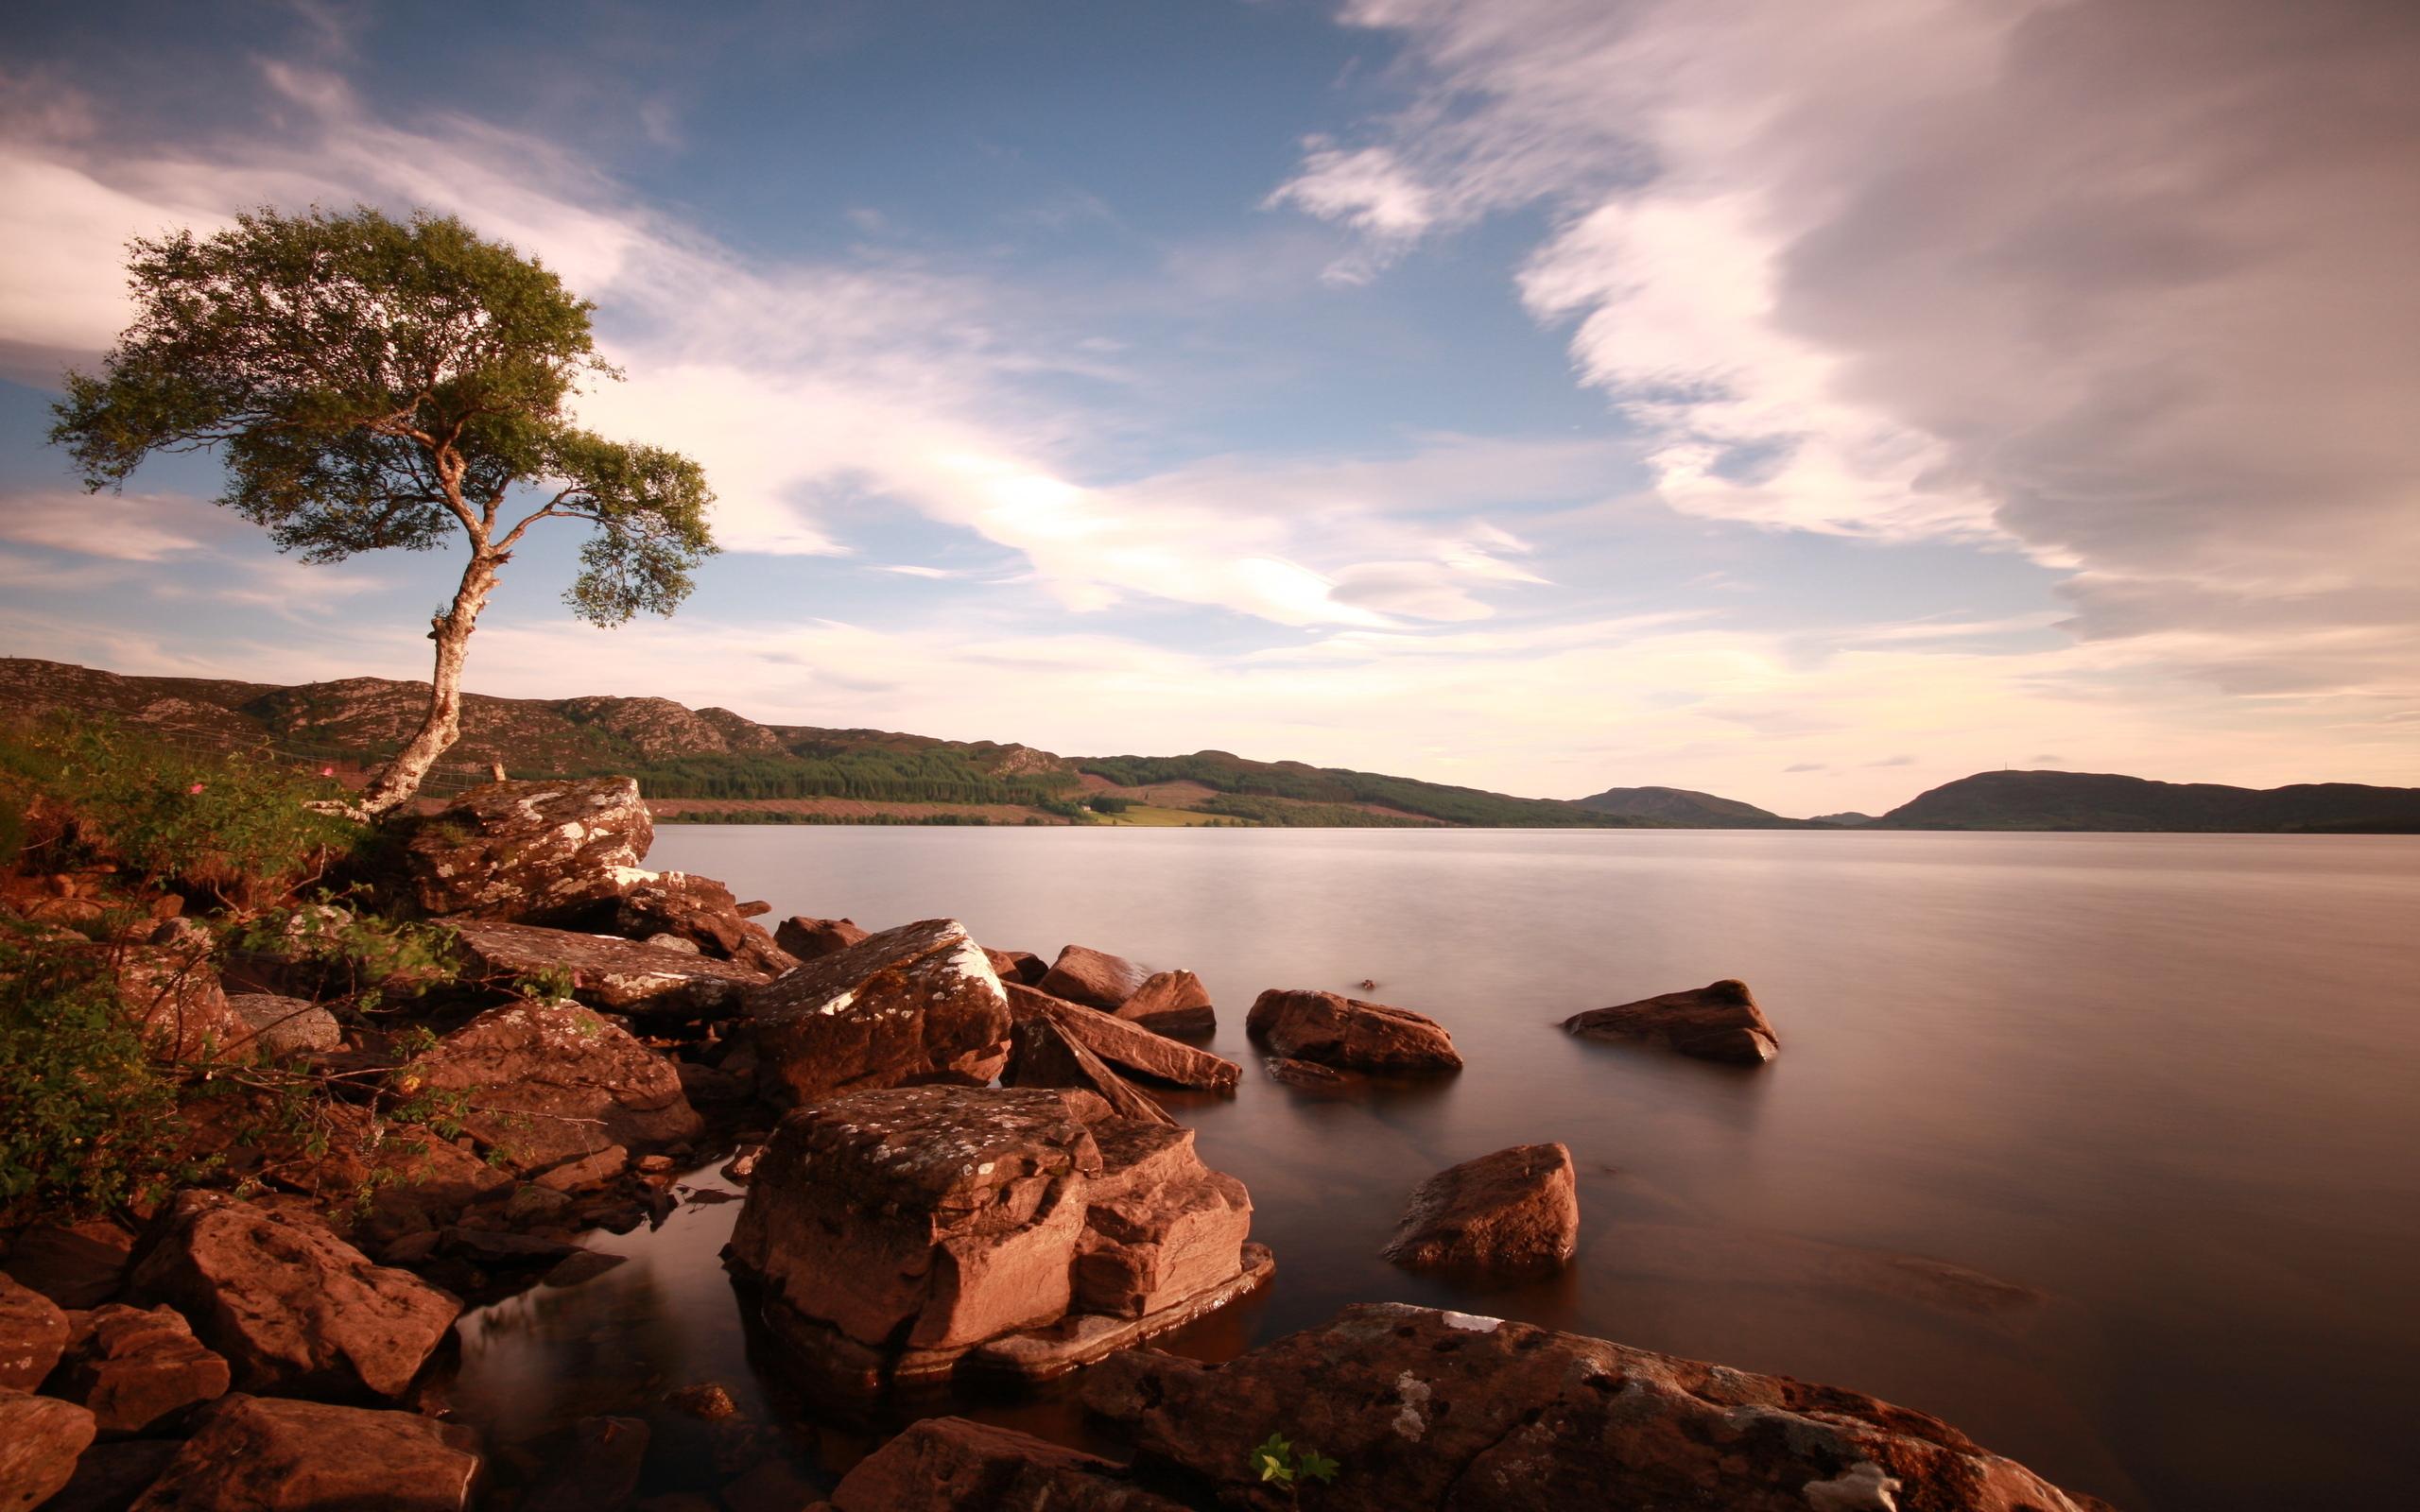 озеро камни берег скачать